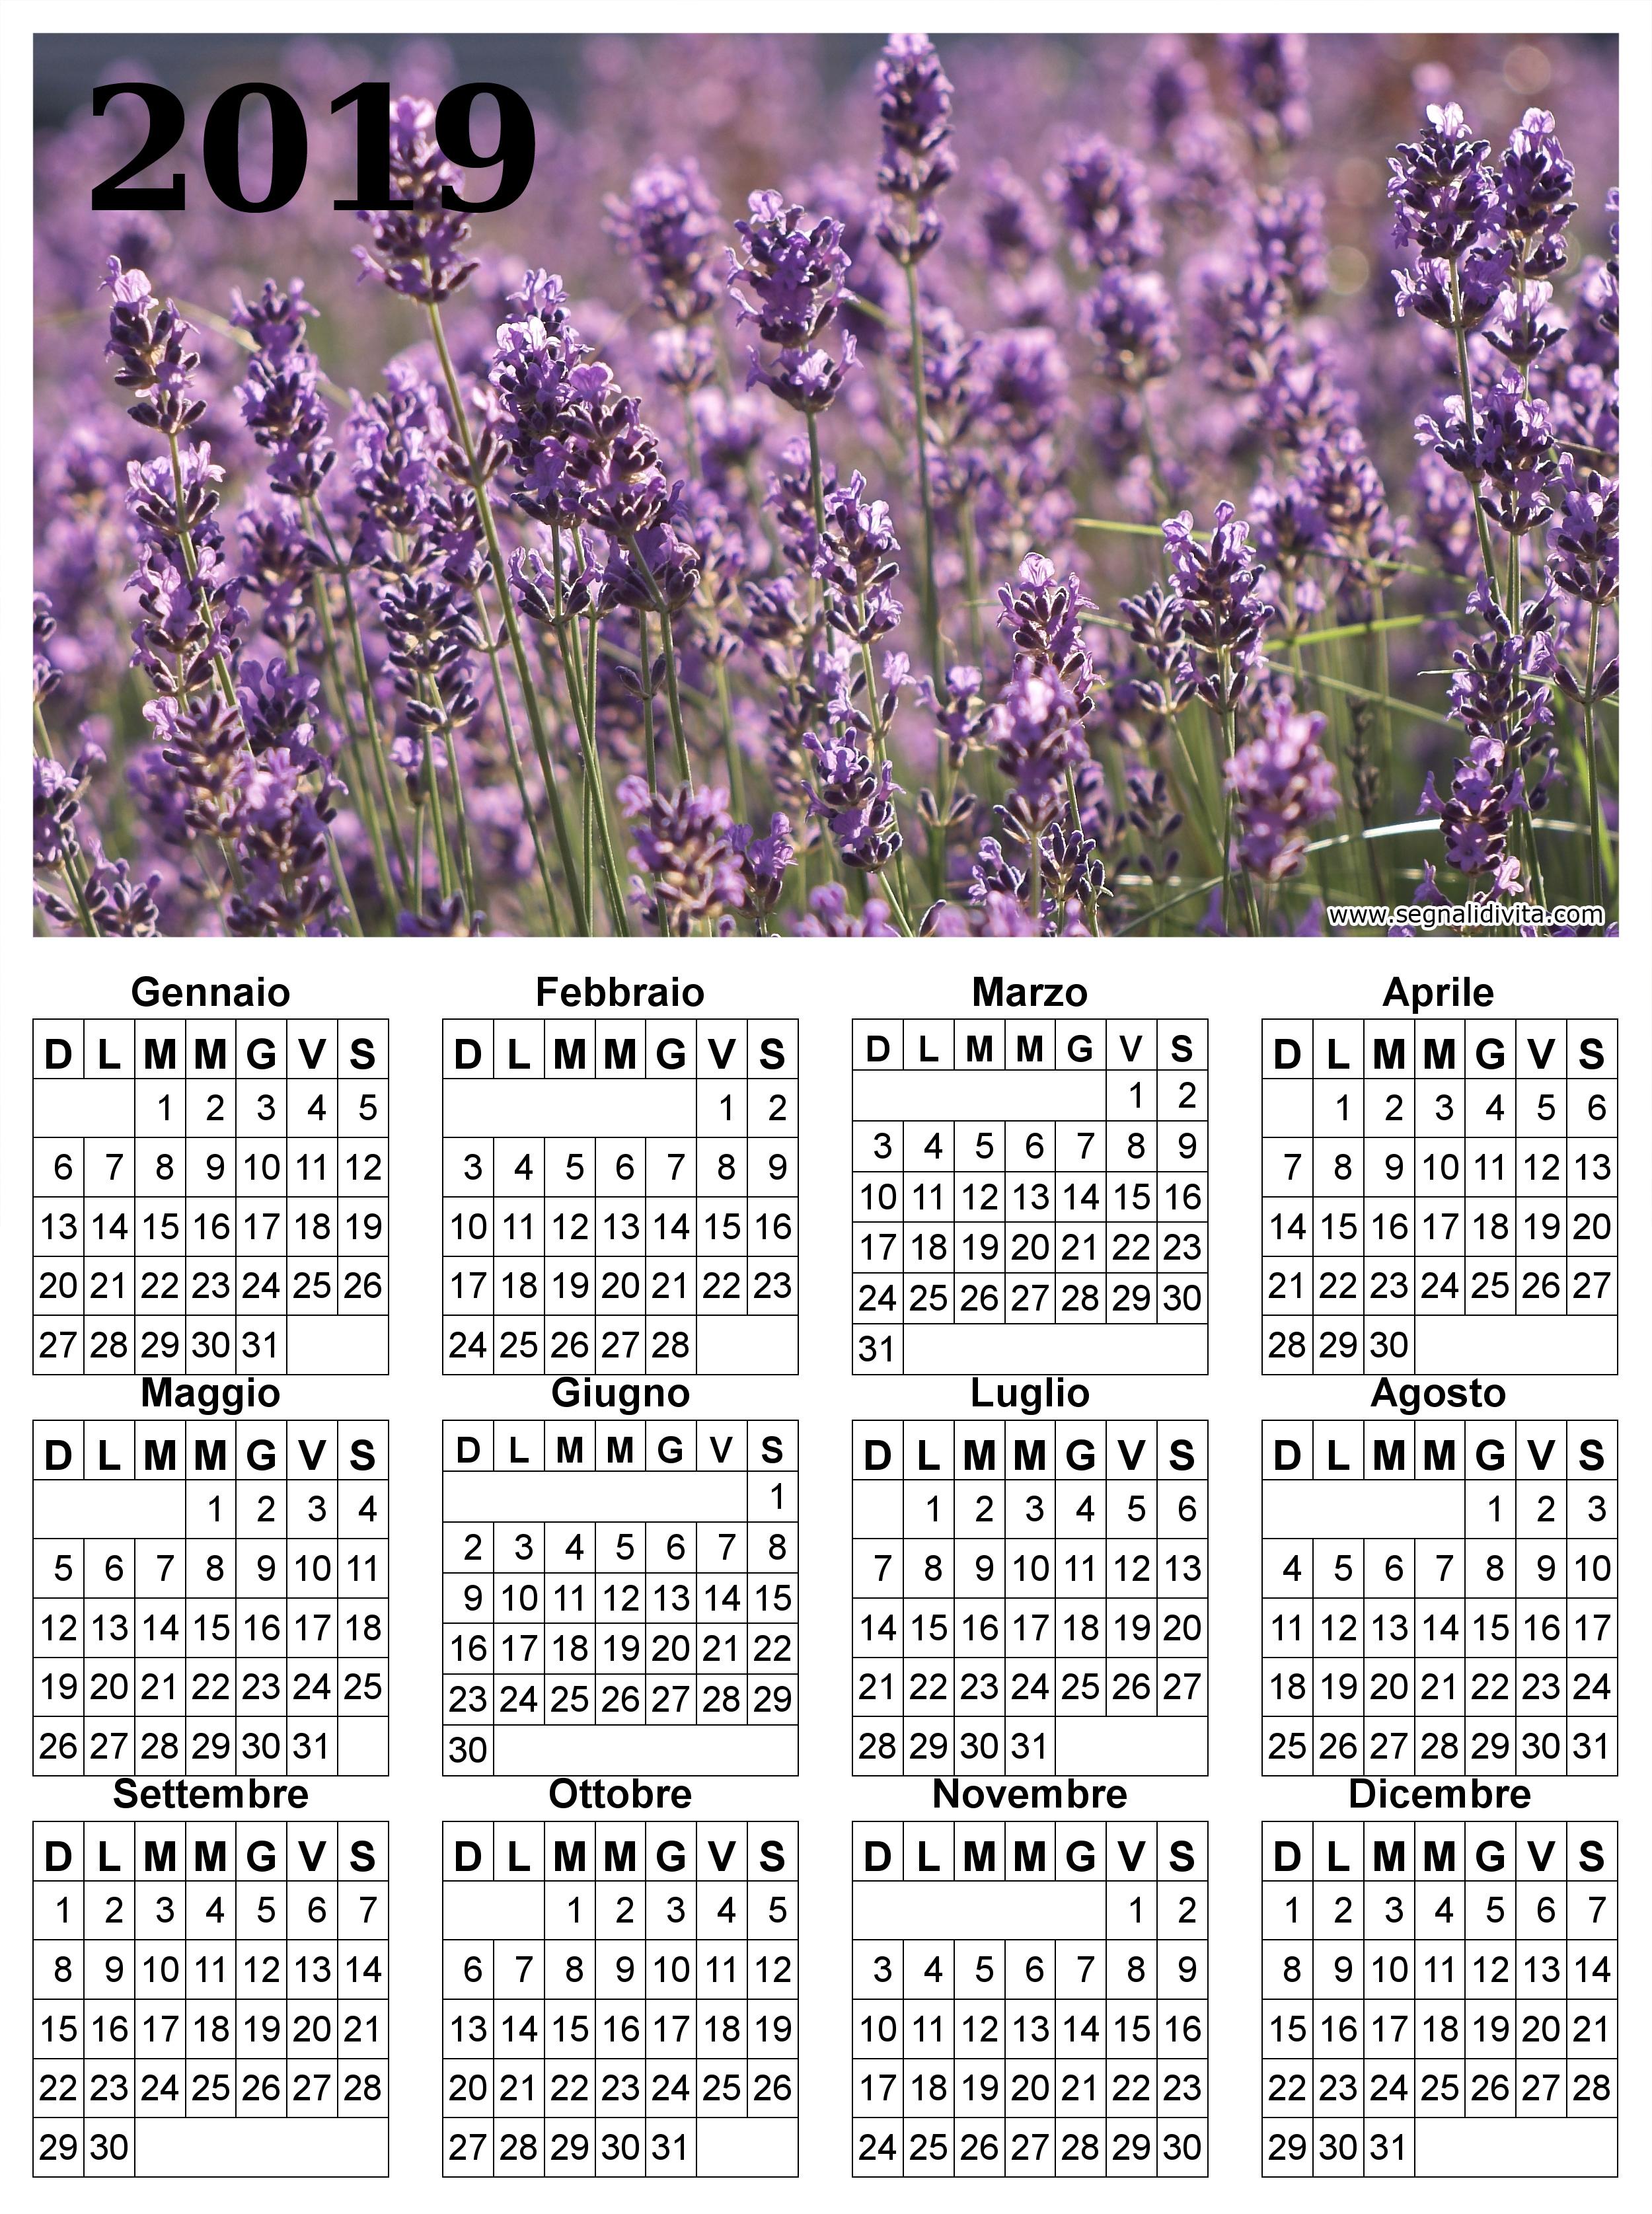 Calendario lavanda del 2019